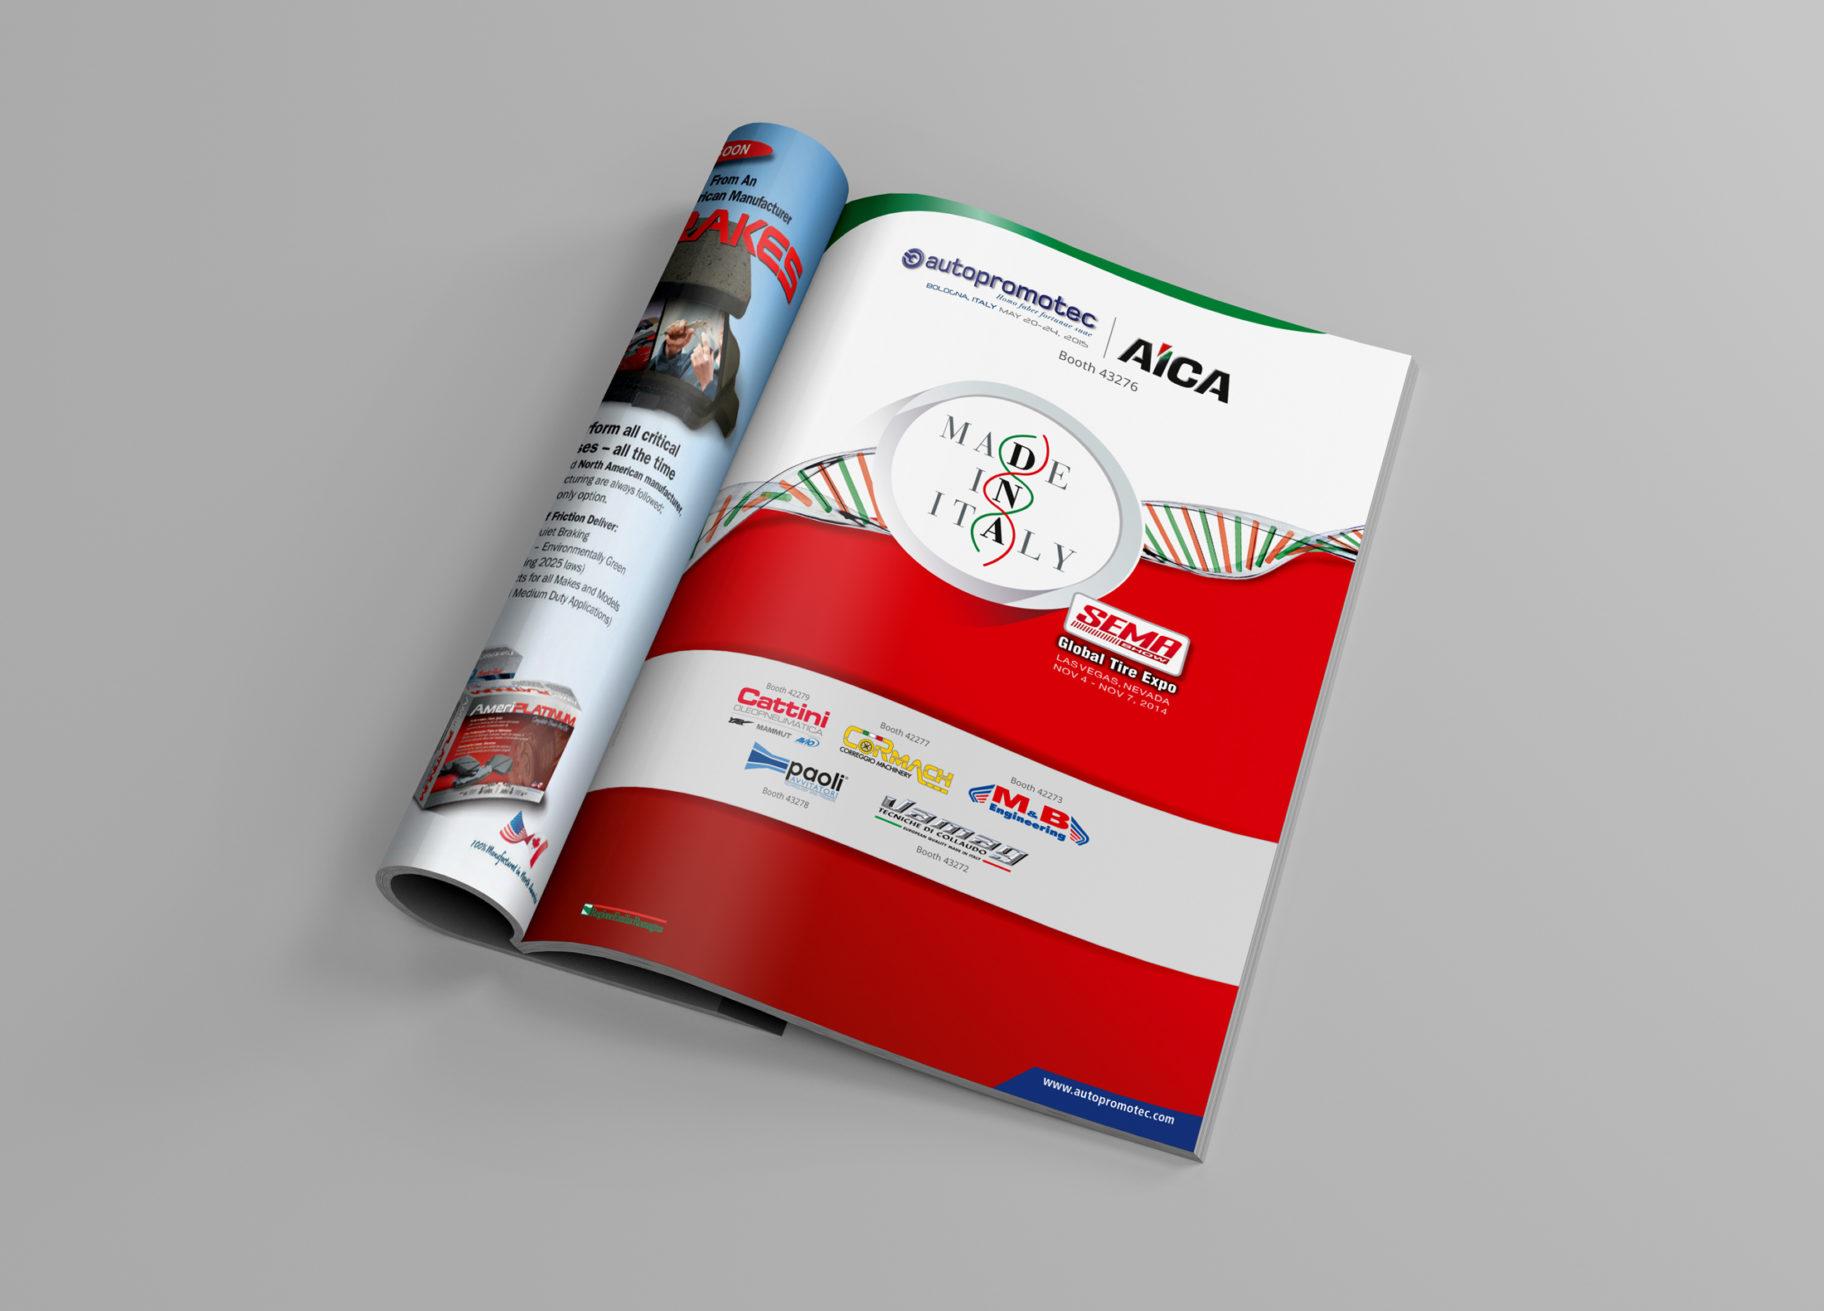 DNA-AUTOMOTIVE-madeinitaly-pagina pubblicitaria